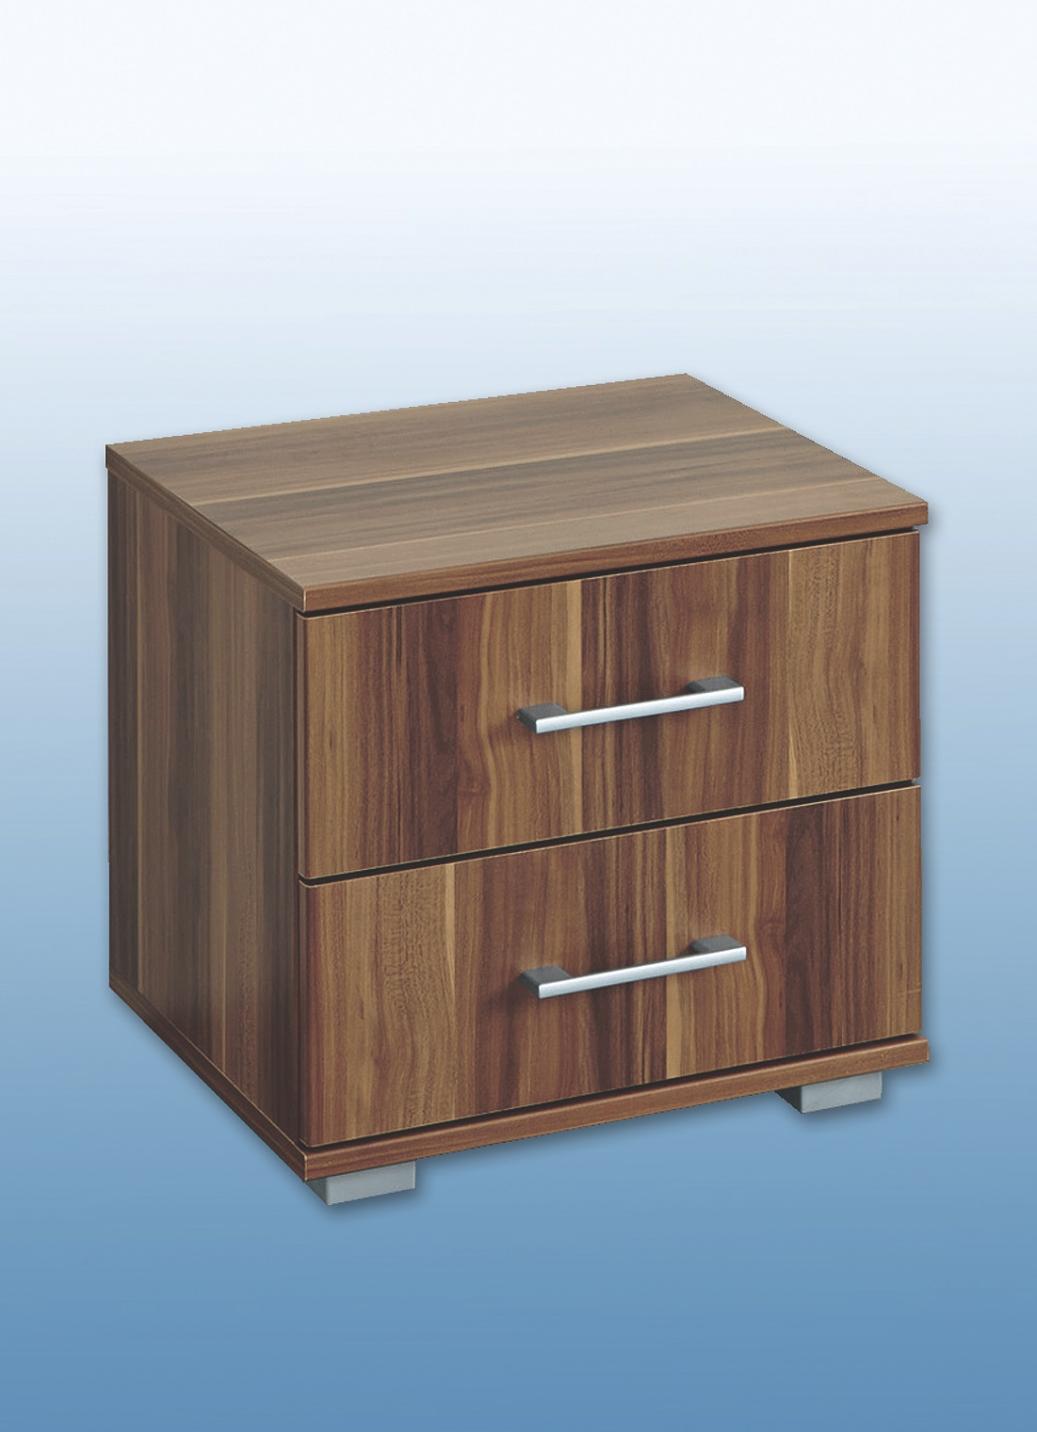 nachtkonsole in verschiedenen ausf hrungen kleinm bel bader. Black Bedroom Furniture Sets. Home Design Ideas